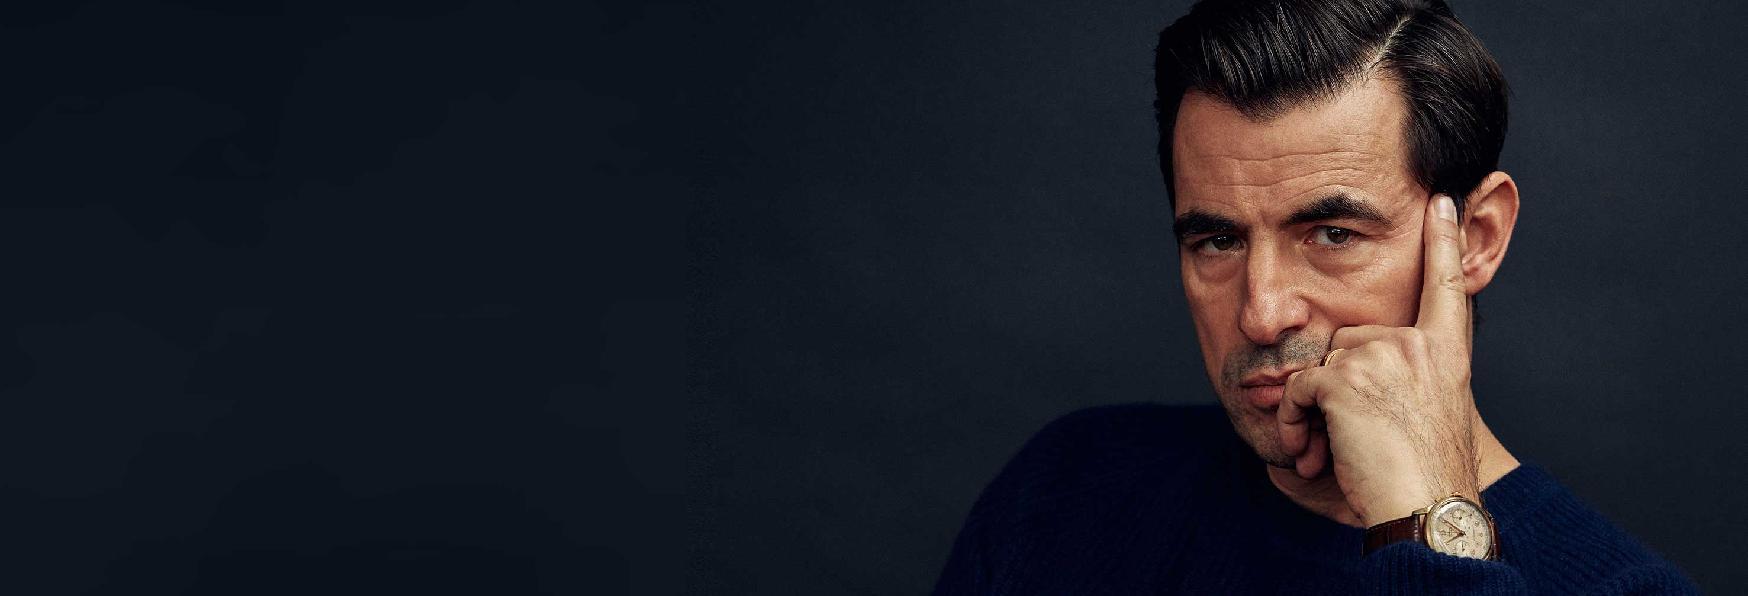 Claes Bang interpreterà il Conte Dracula nella nuova Serie TV di Netflix e BBC